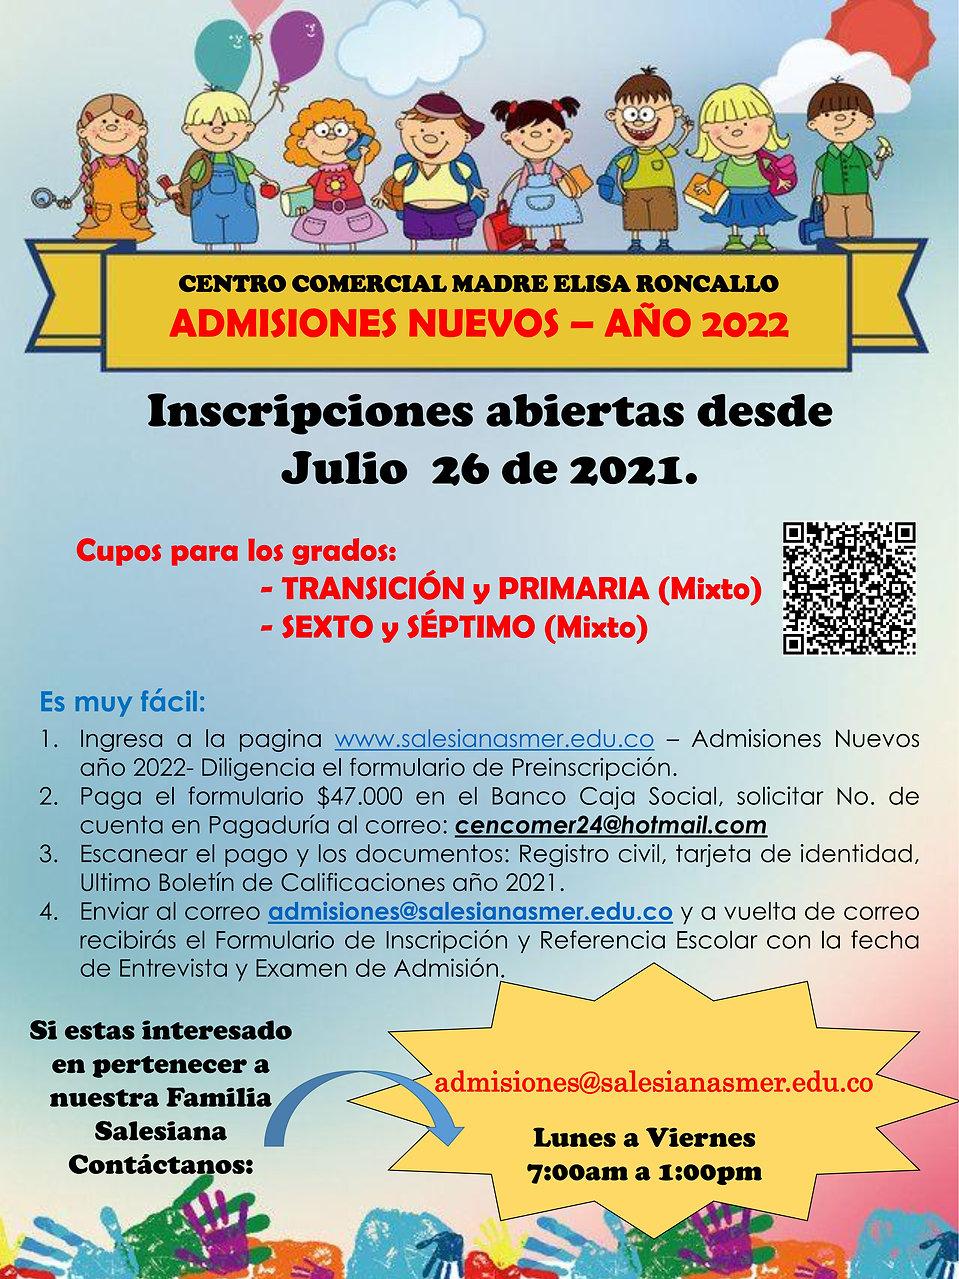 PROMOCION ADMISIONES 2022 - Julio 26_001-  MER.jpg